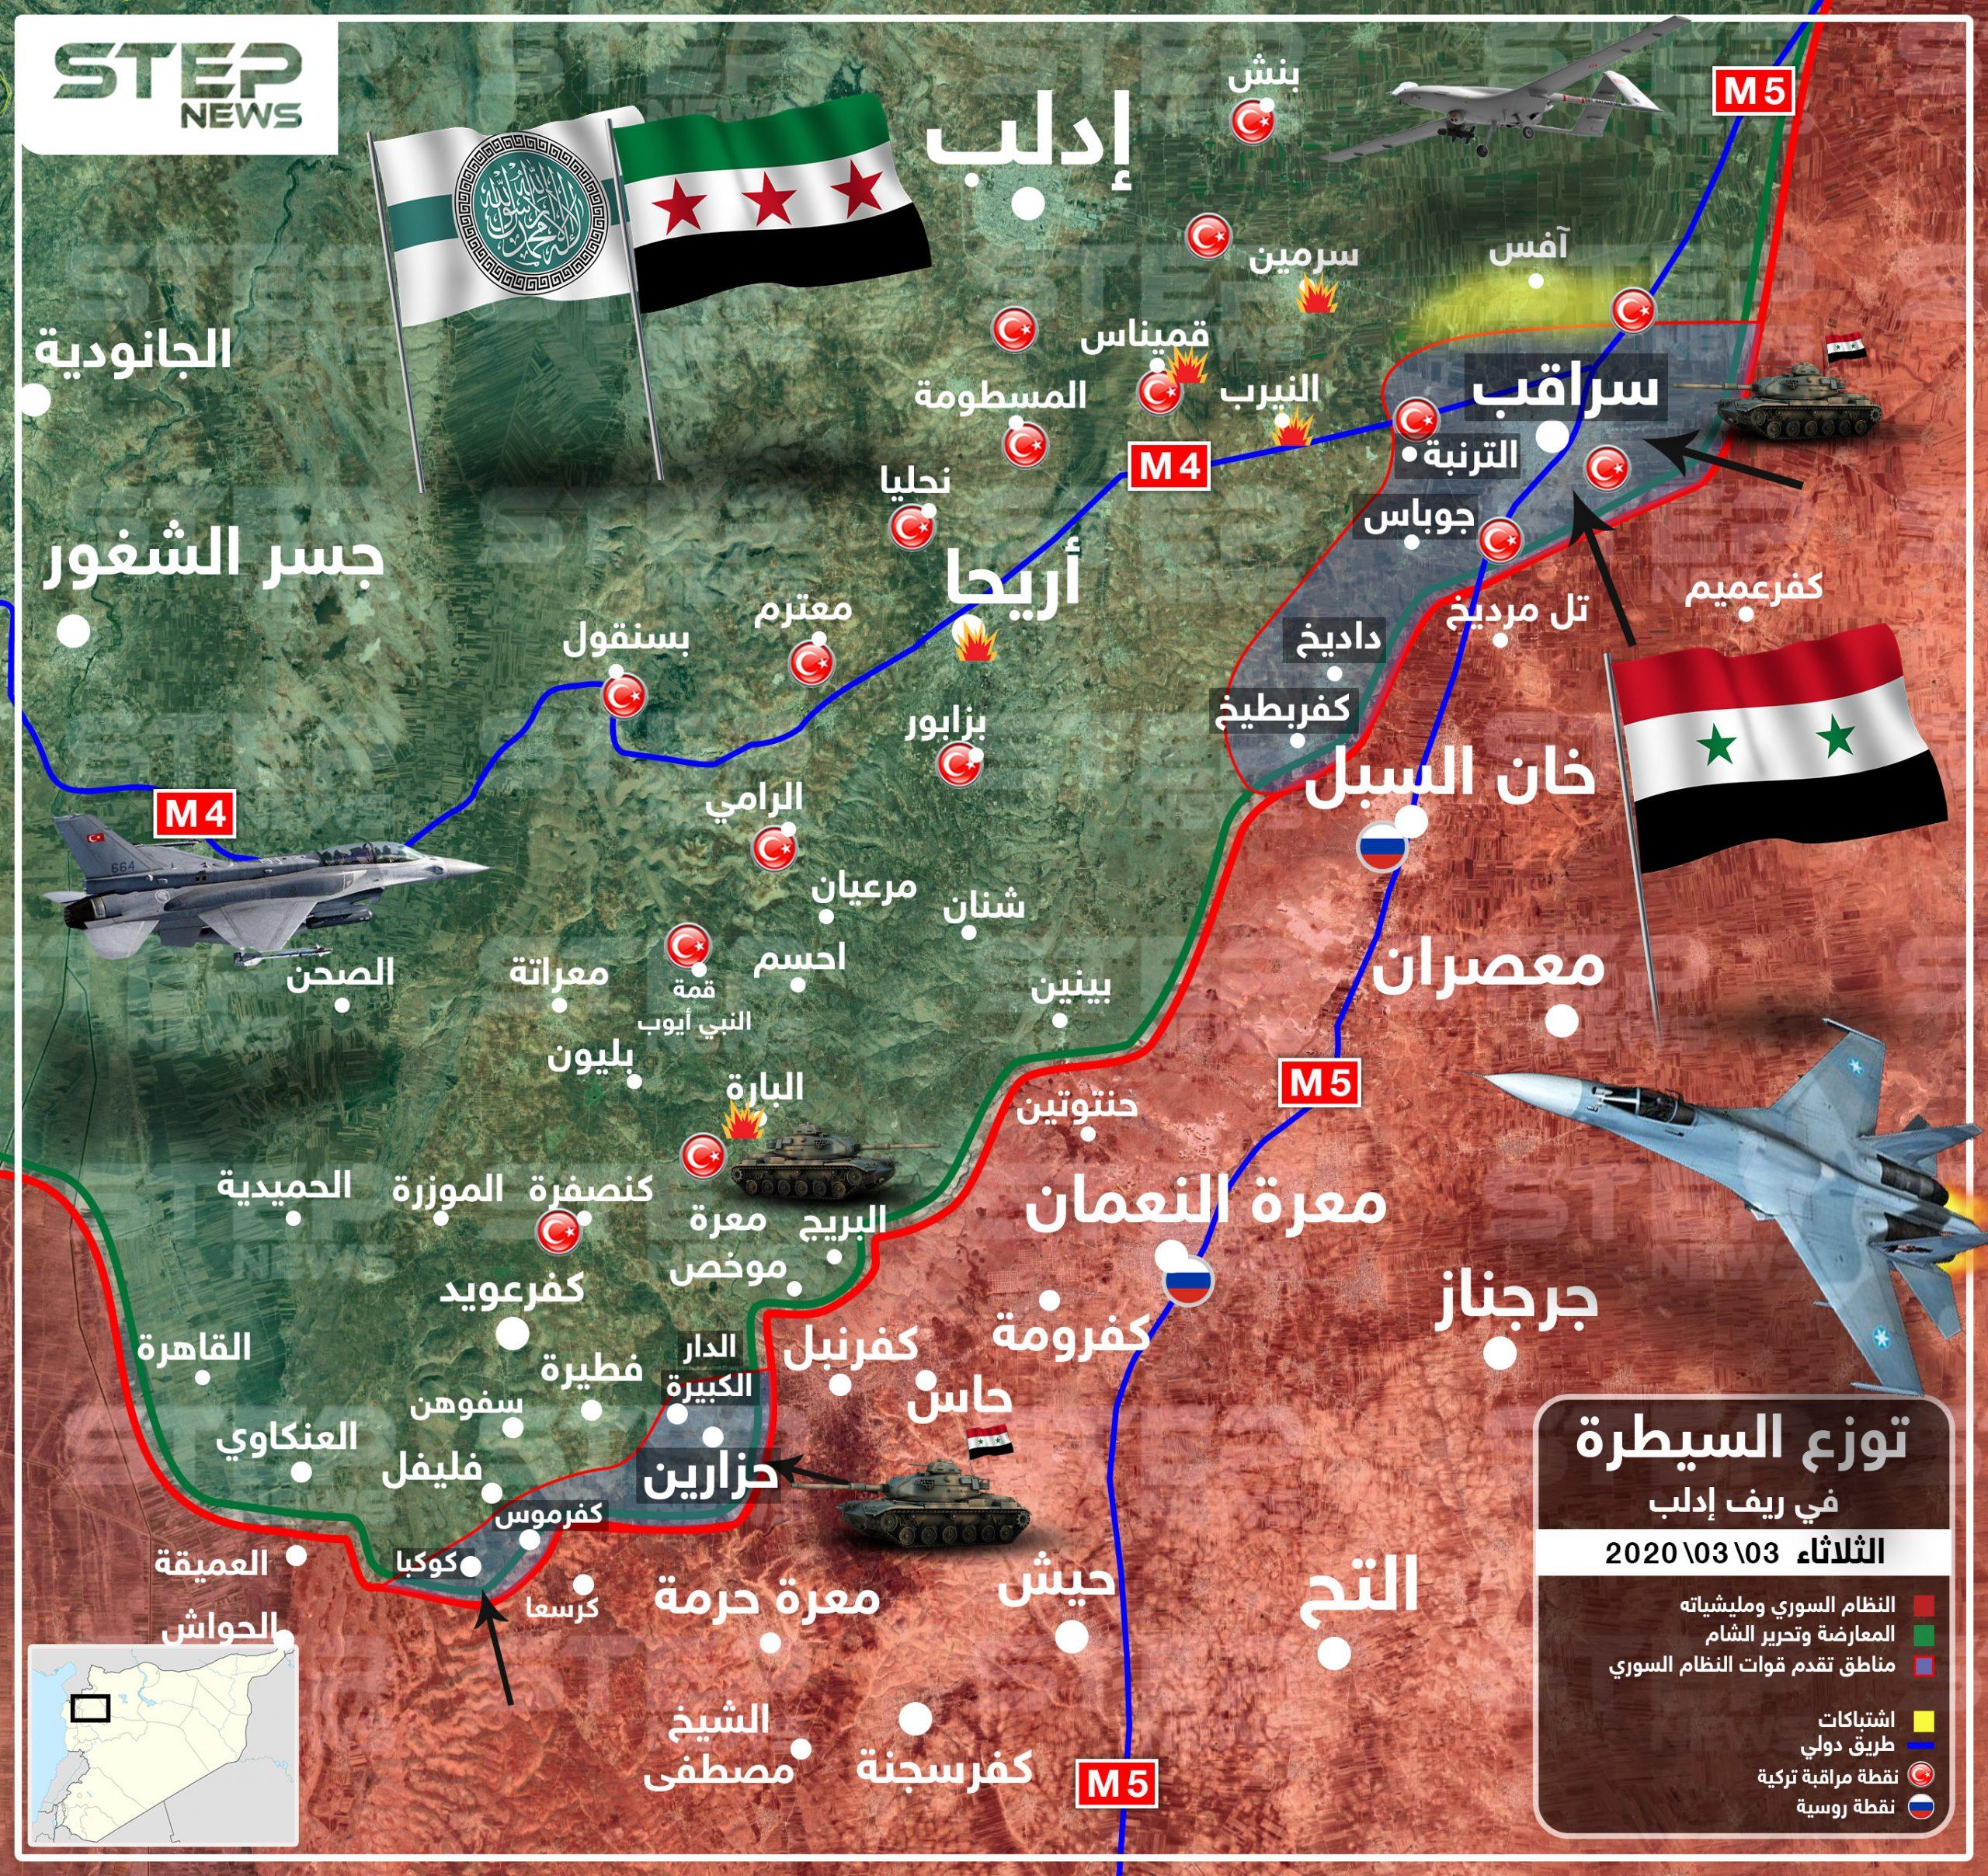 قوات النظام السوري تواصل تقدمها شرق إدلب بعد تأمين سراقب (خريطة)